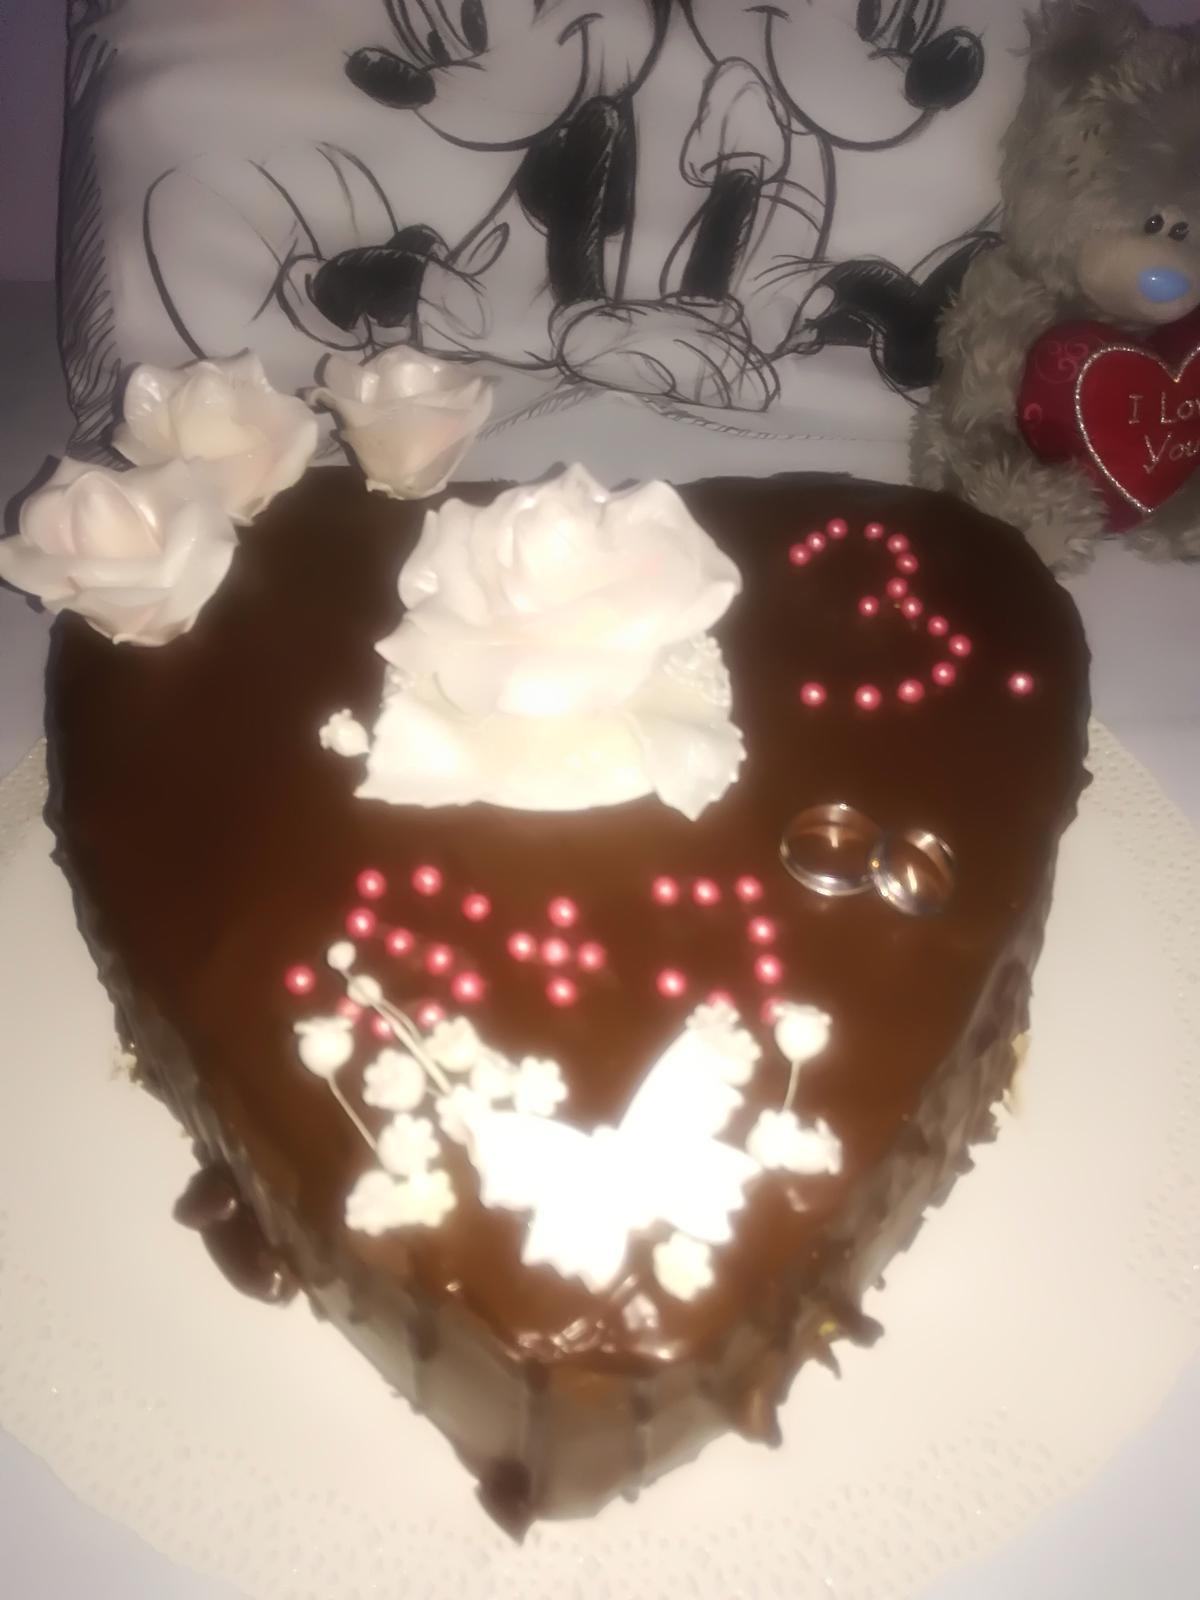 Dnes oslavujeme 3.vyrocie svadby tak som spravila pre manžela prekvapenie, tortička nie je dokonalá no je z lásky,este nás čaká relax vo wellness a spoločný obed veľmi sa teším na tento deň a prajem aj vám krásneho Valentína😍😍😍😍😍😍😍 - Nie je dokonalá ala je robená z lasky😍😍